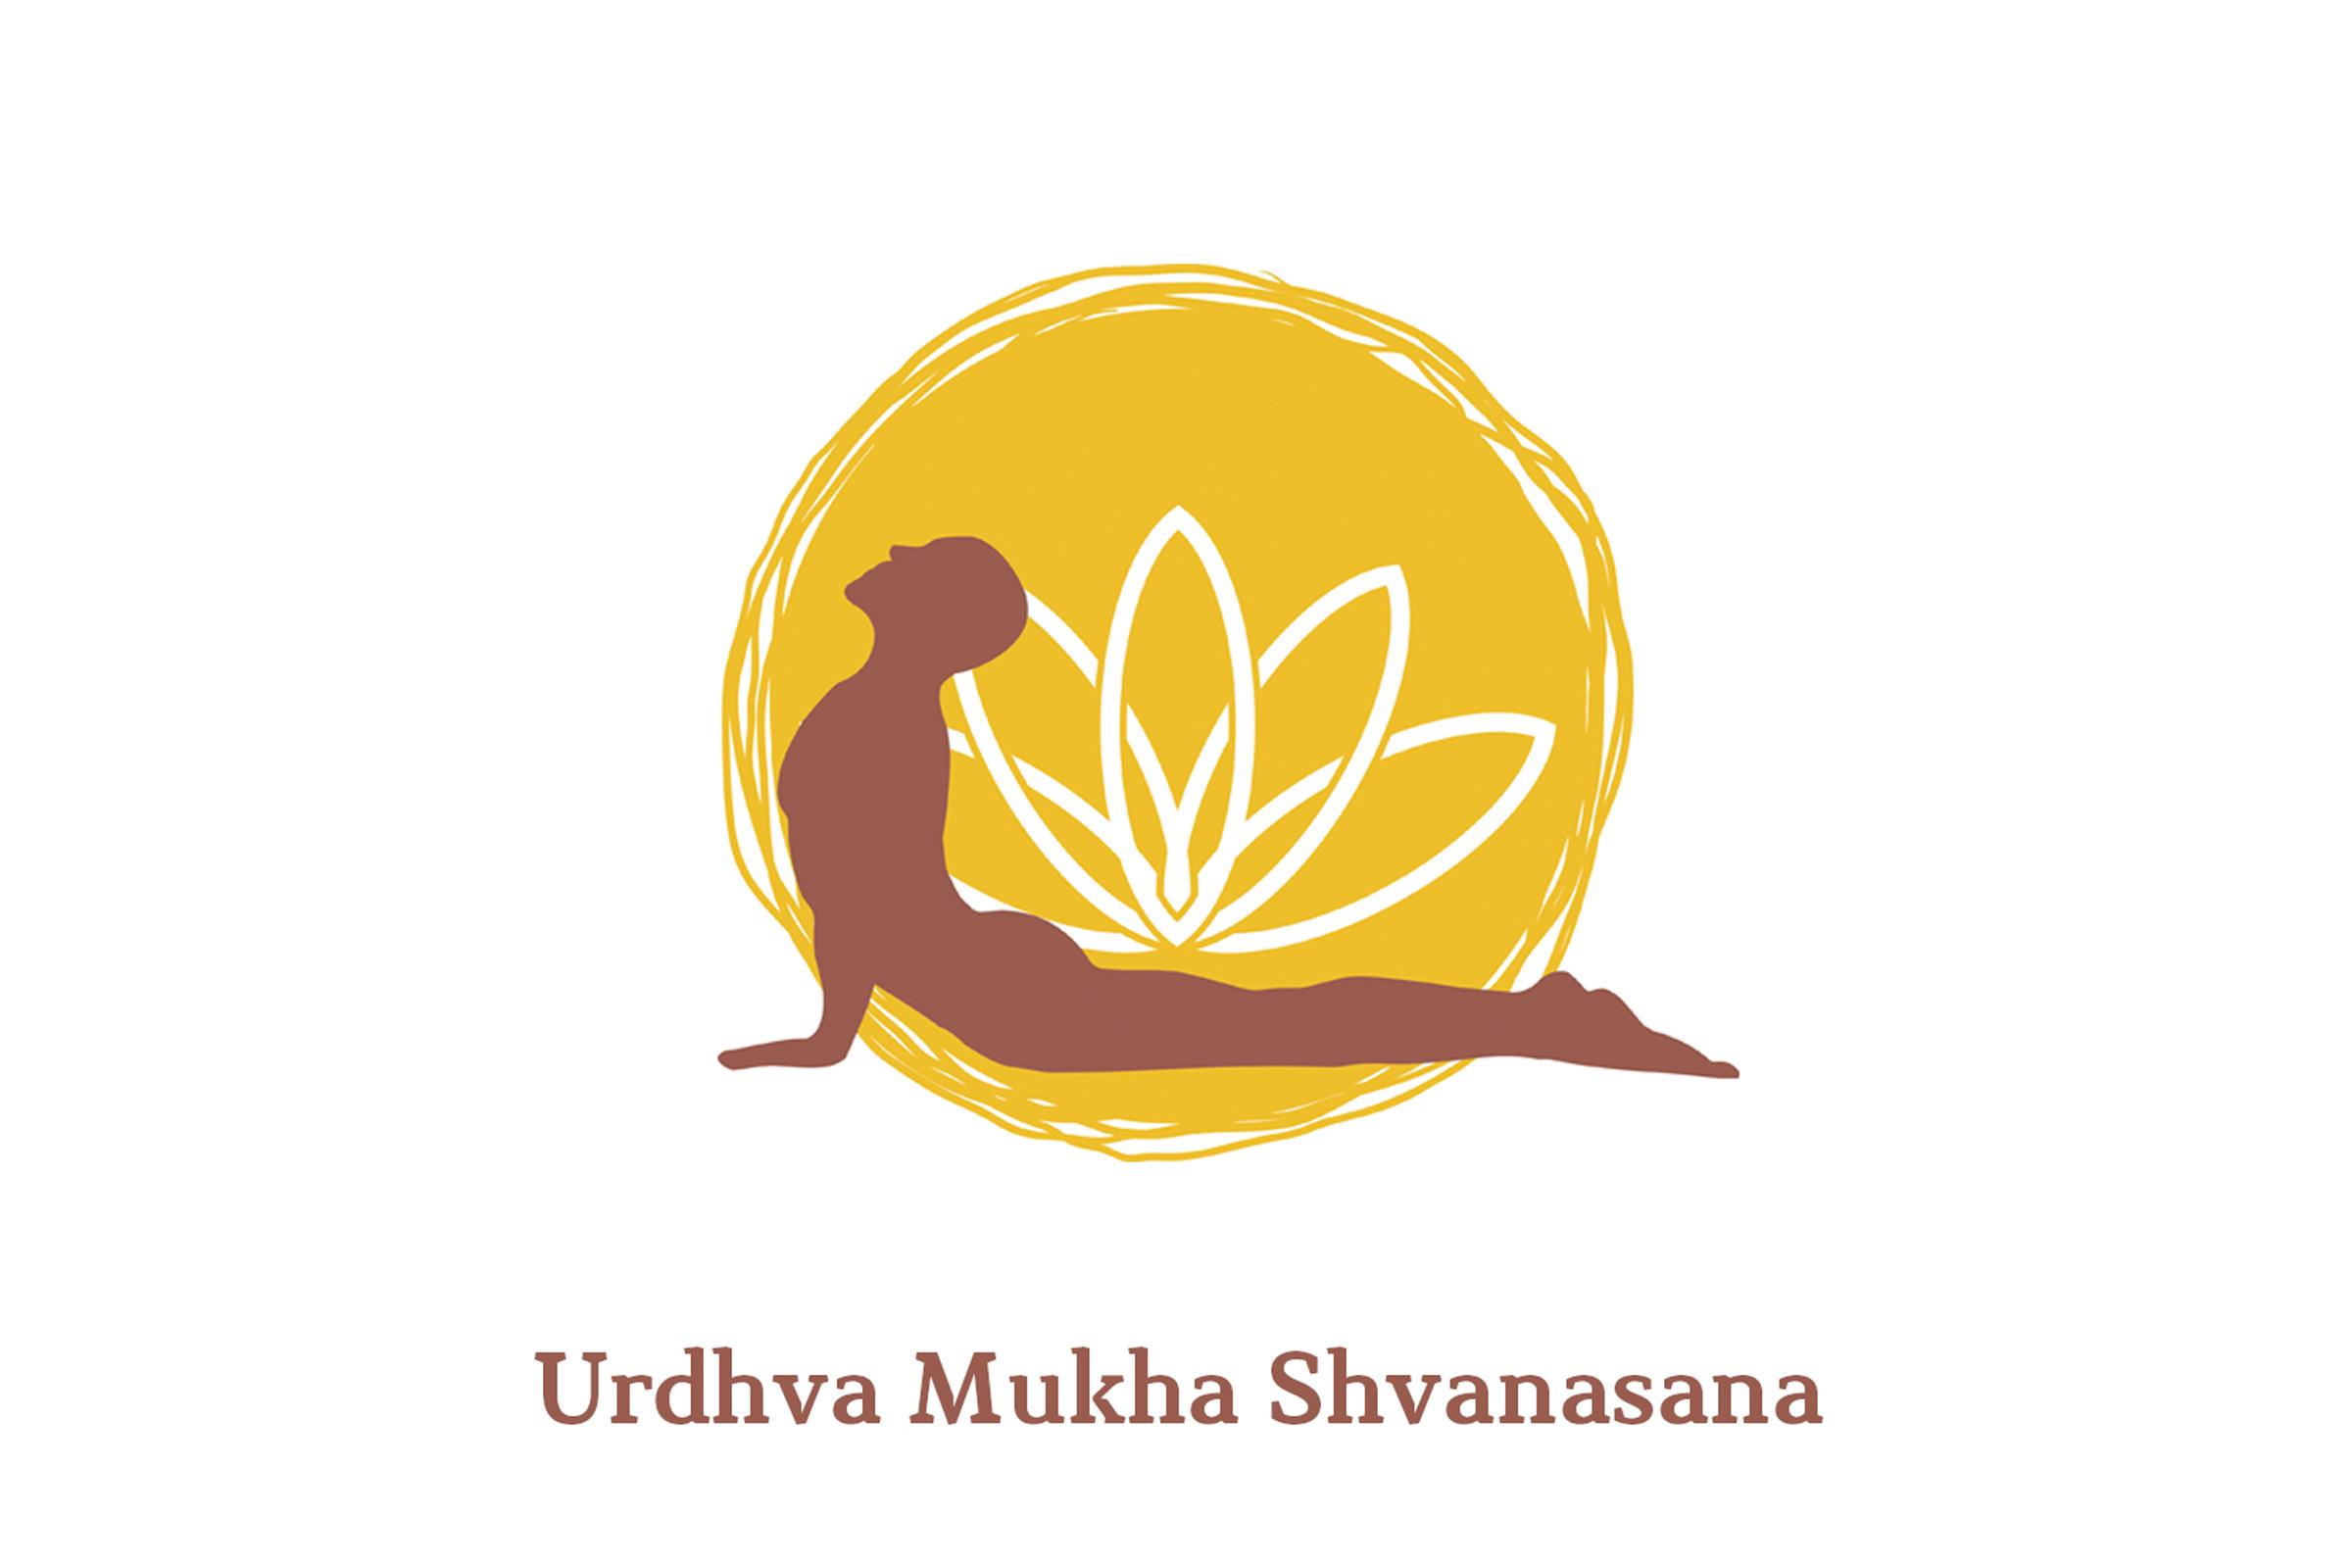 Urdhva-mukha-shvanasana